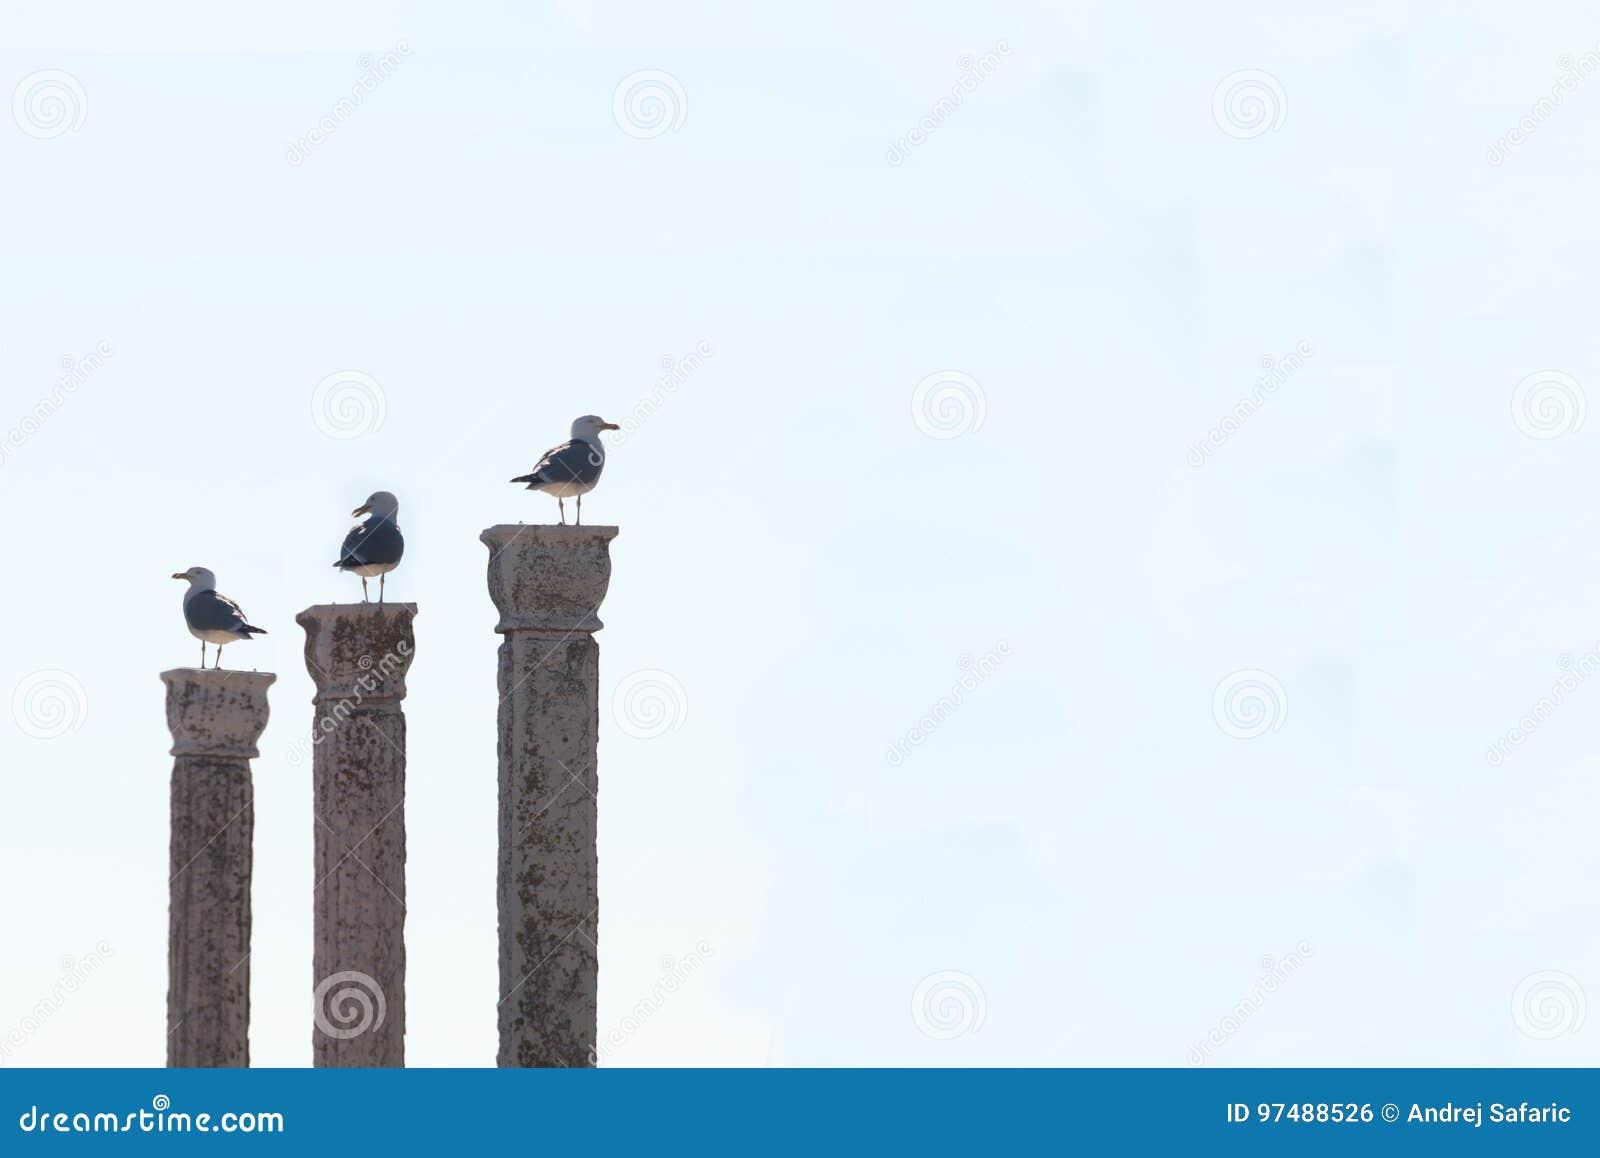 Tre gabbiani su tre colonne contro fondo pulito,